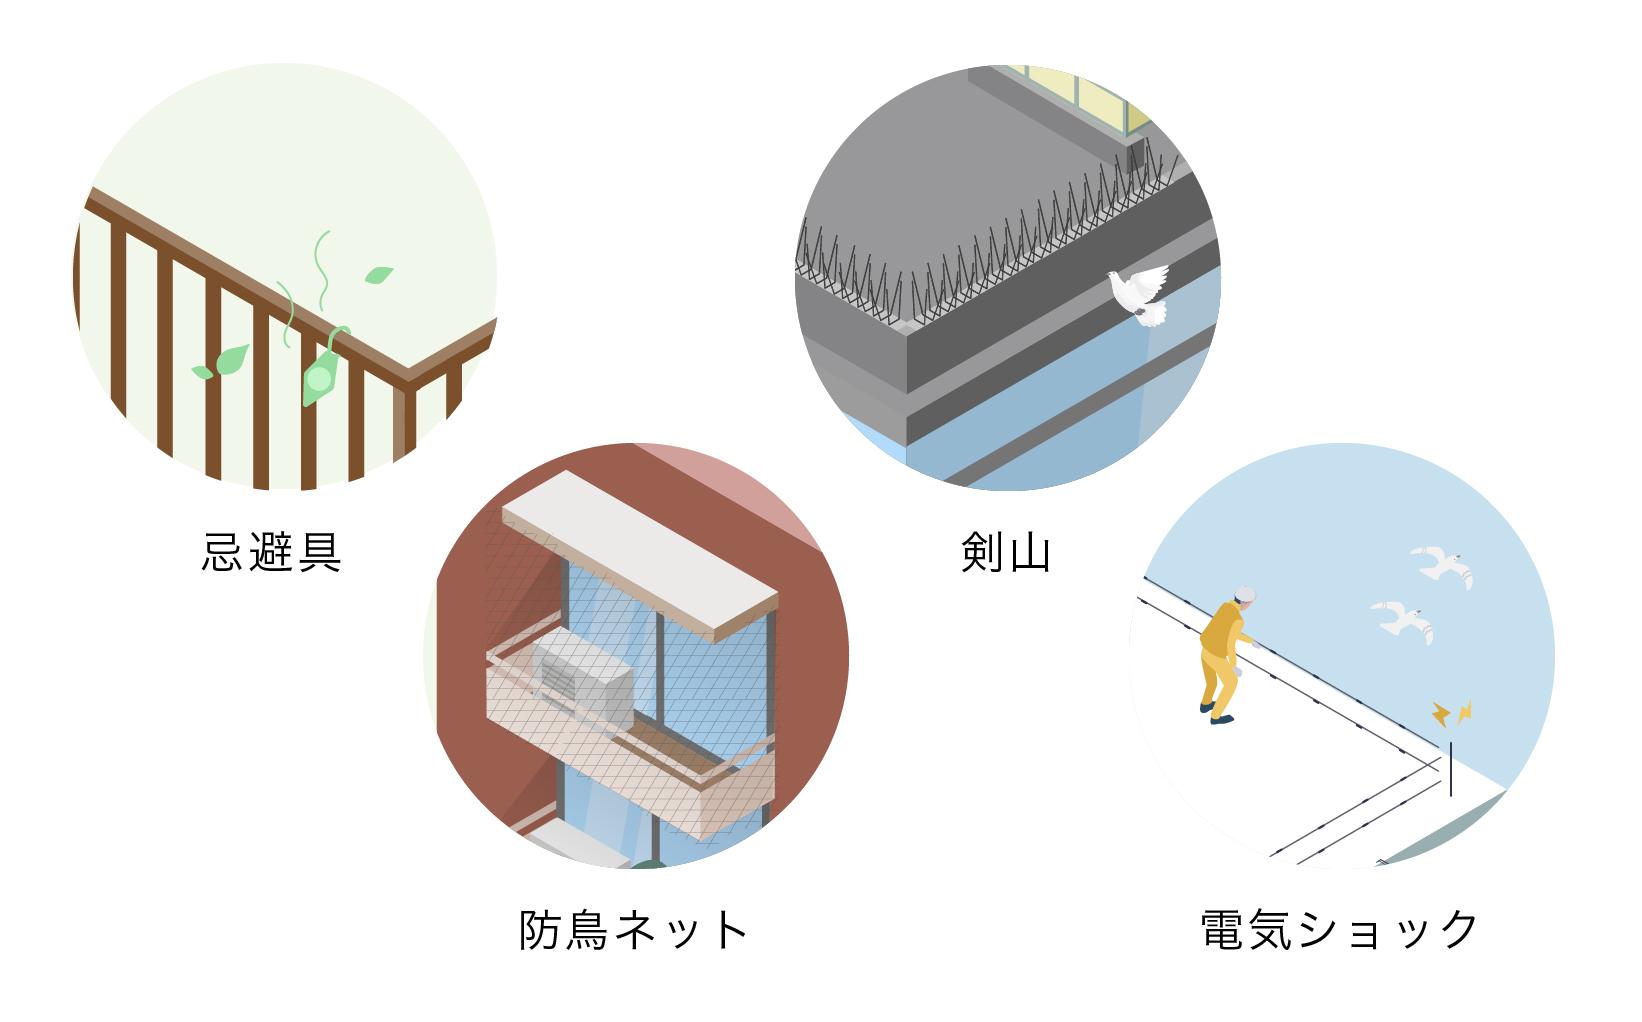 忌避具、防鳥ネット、剣山、電気ショックの4つの方法によって鳥害対策をしているイメージ